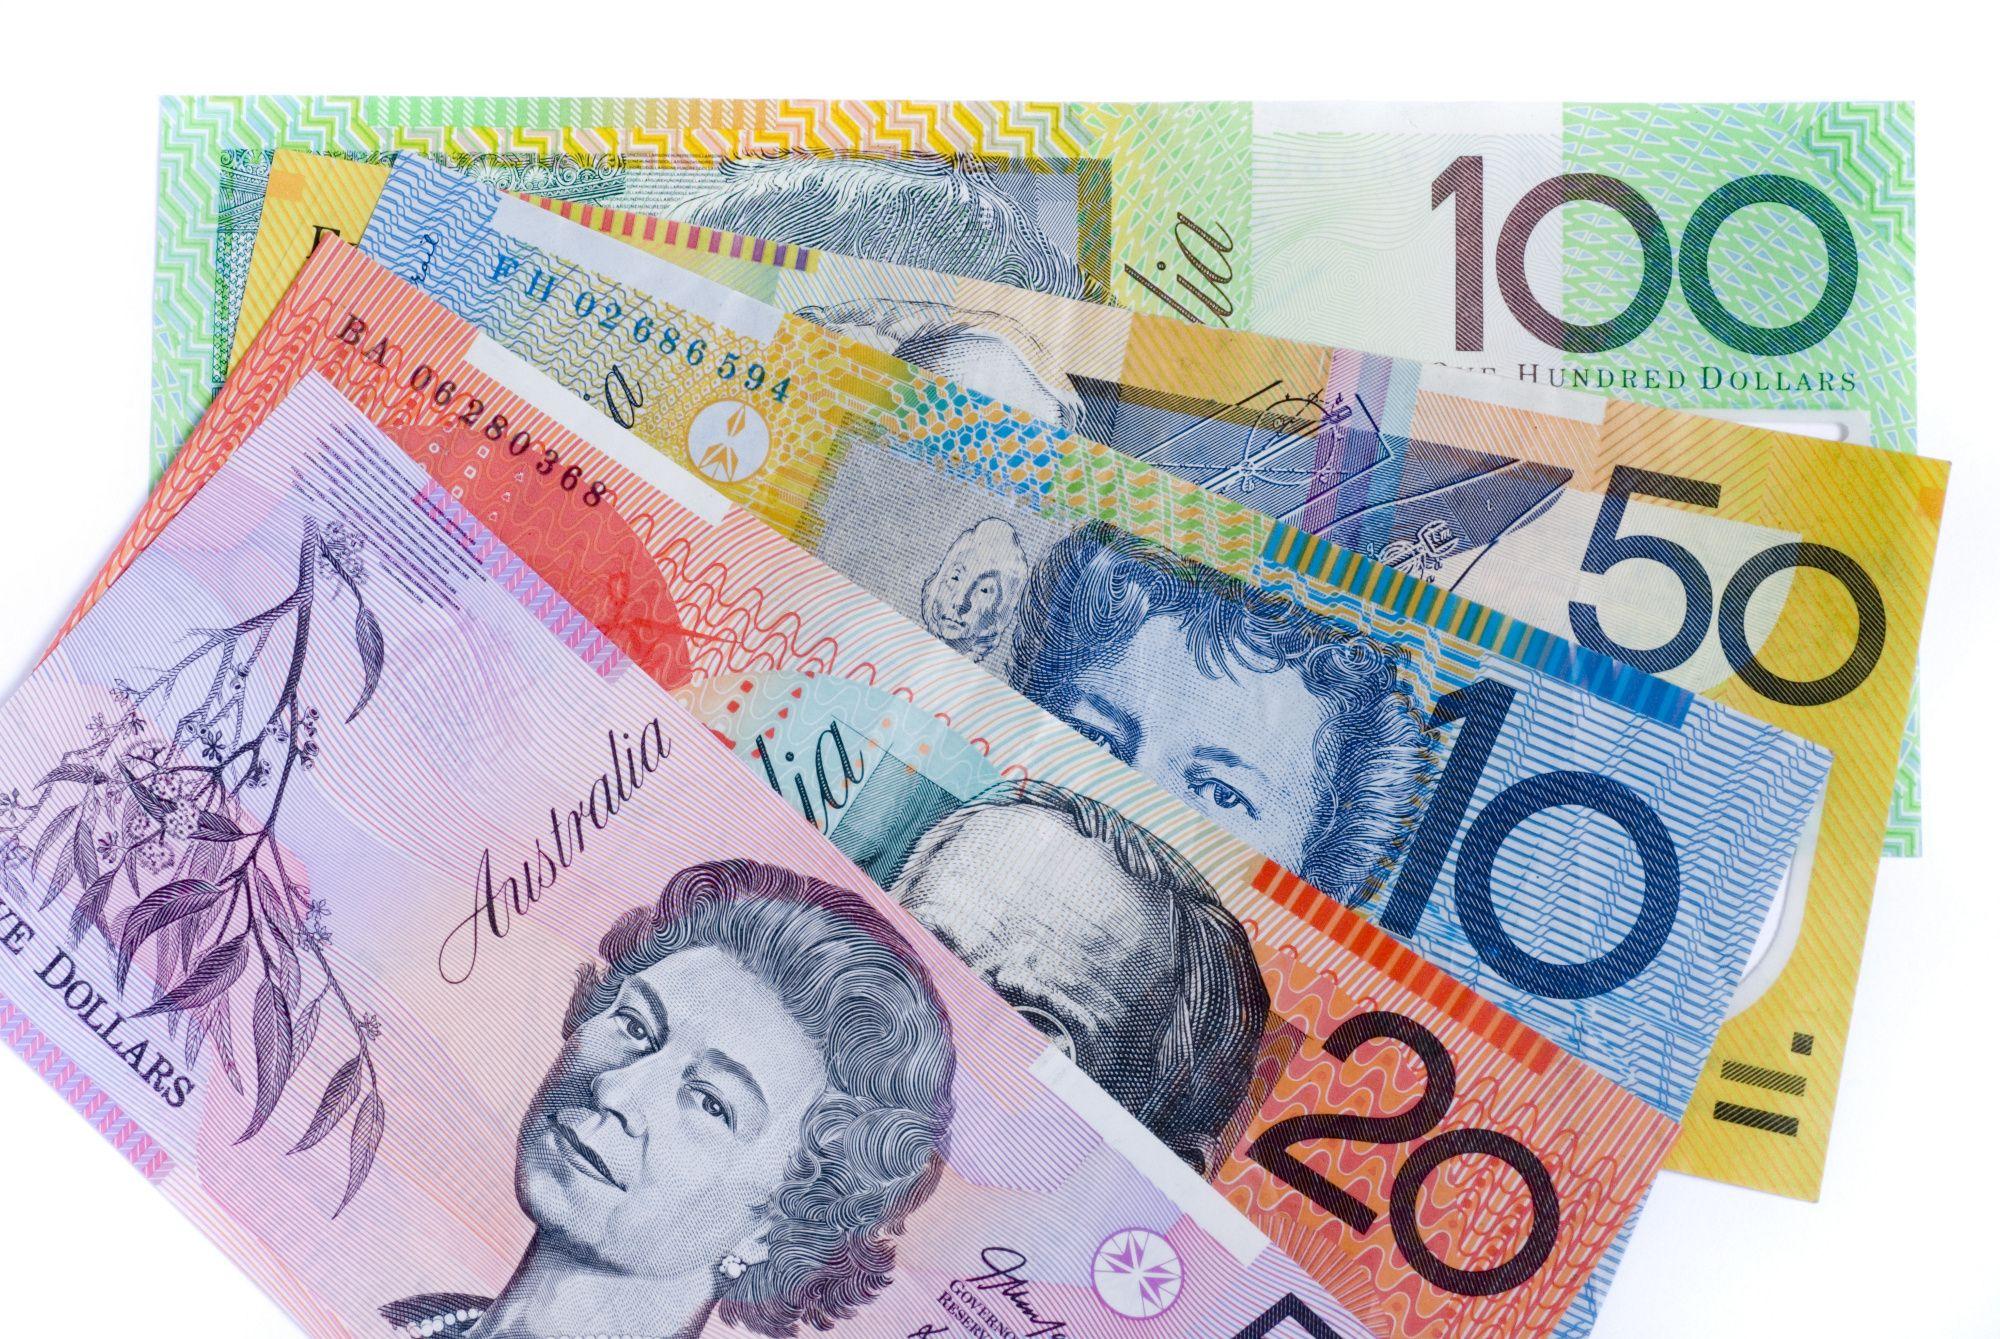 Mức lương hấp dẫn dành cho lao động Úc ngành nông nghiệp